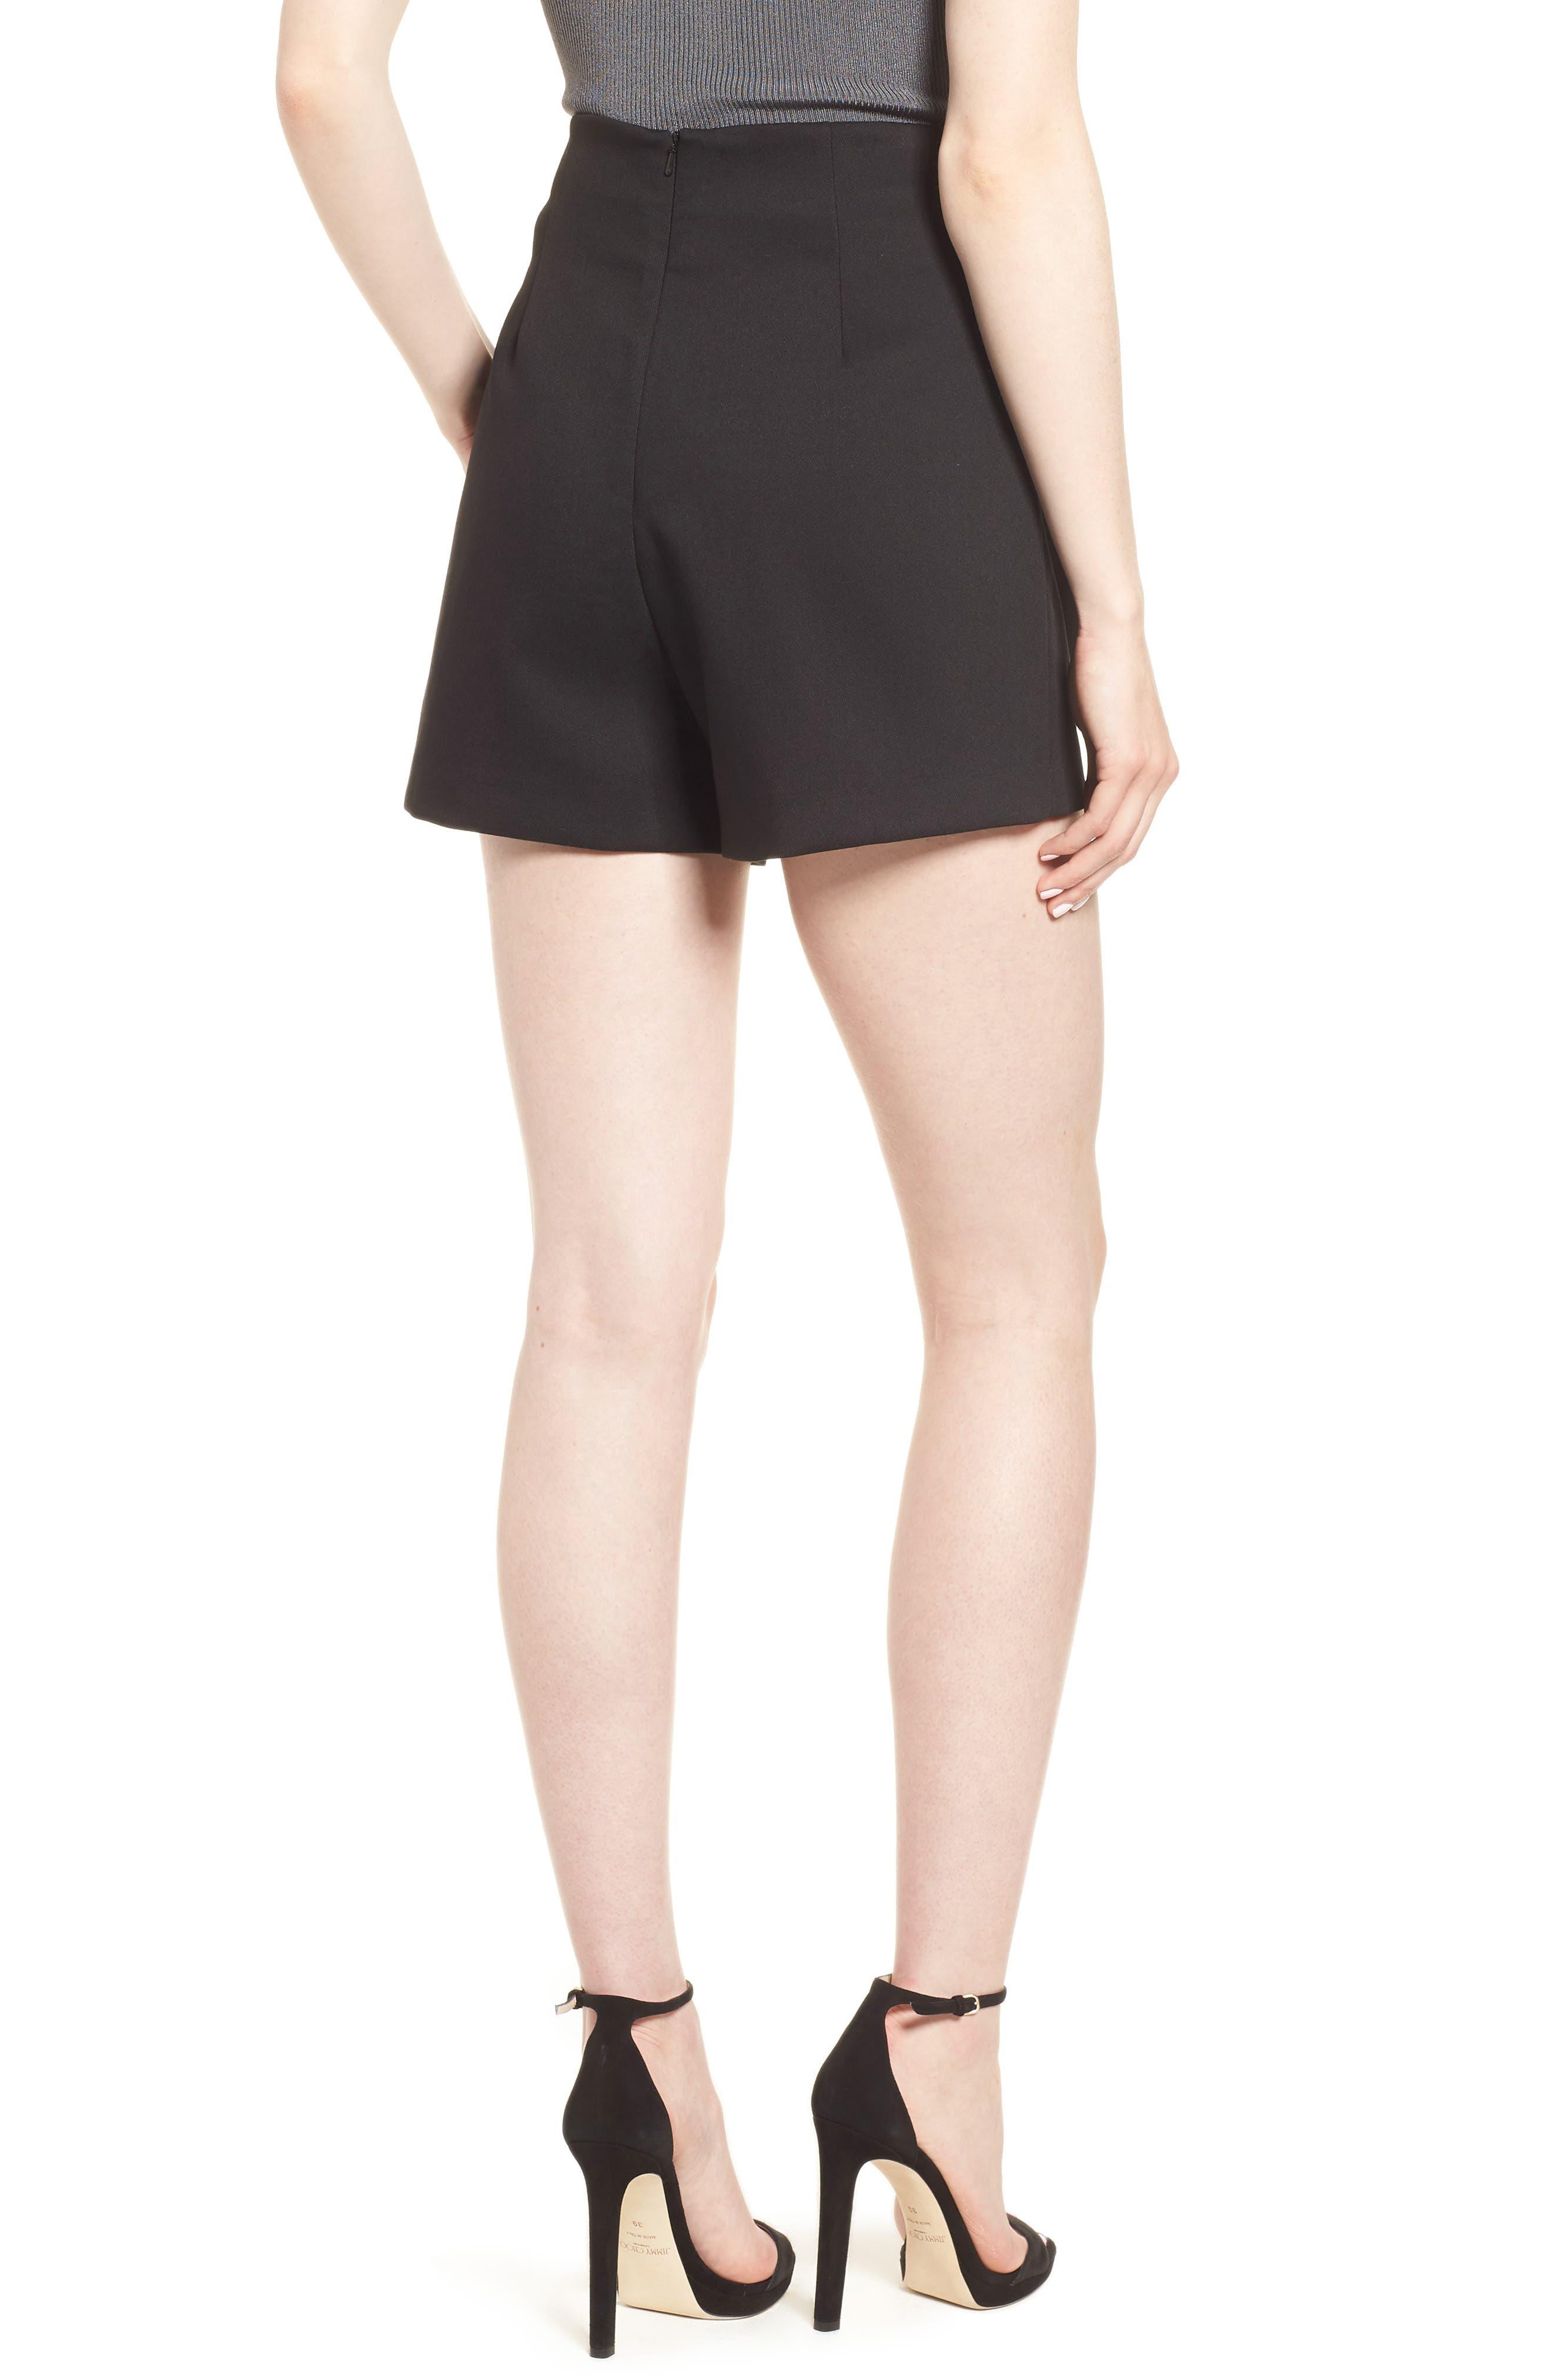 Harmony Shorts,                             Alternate thumbnail 2, color,                             Black